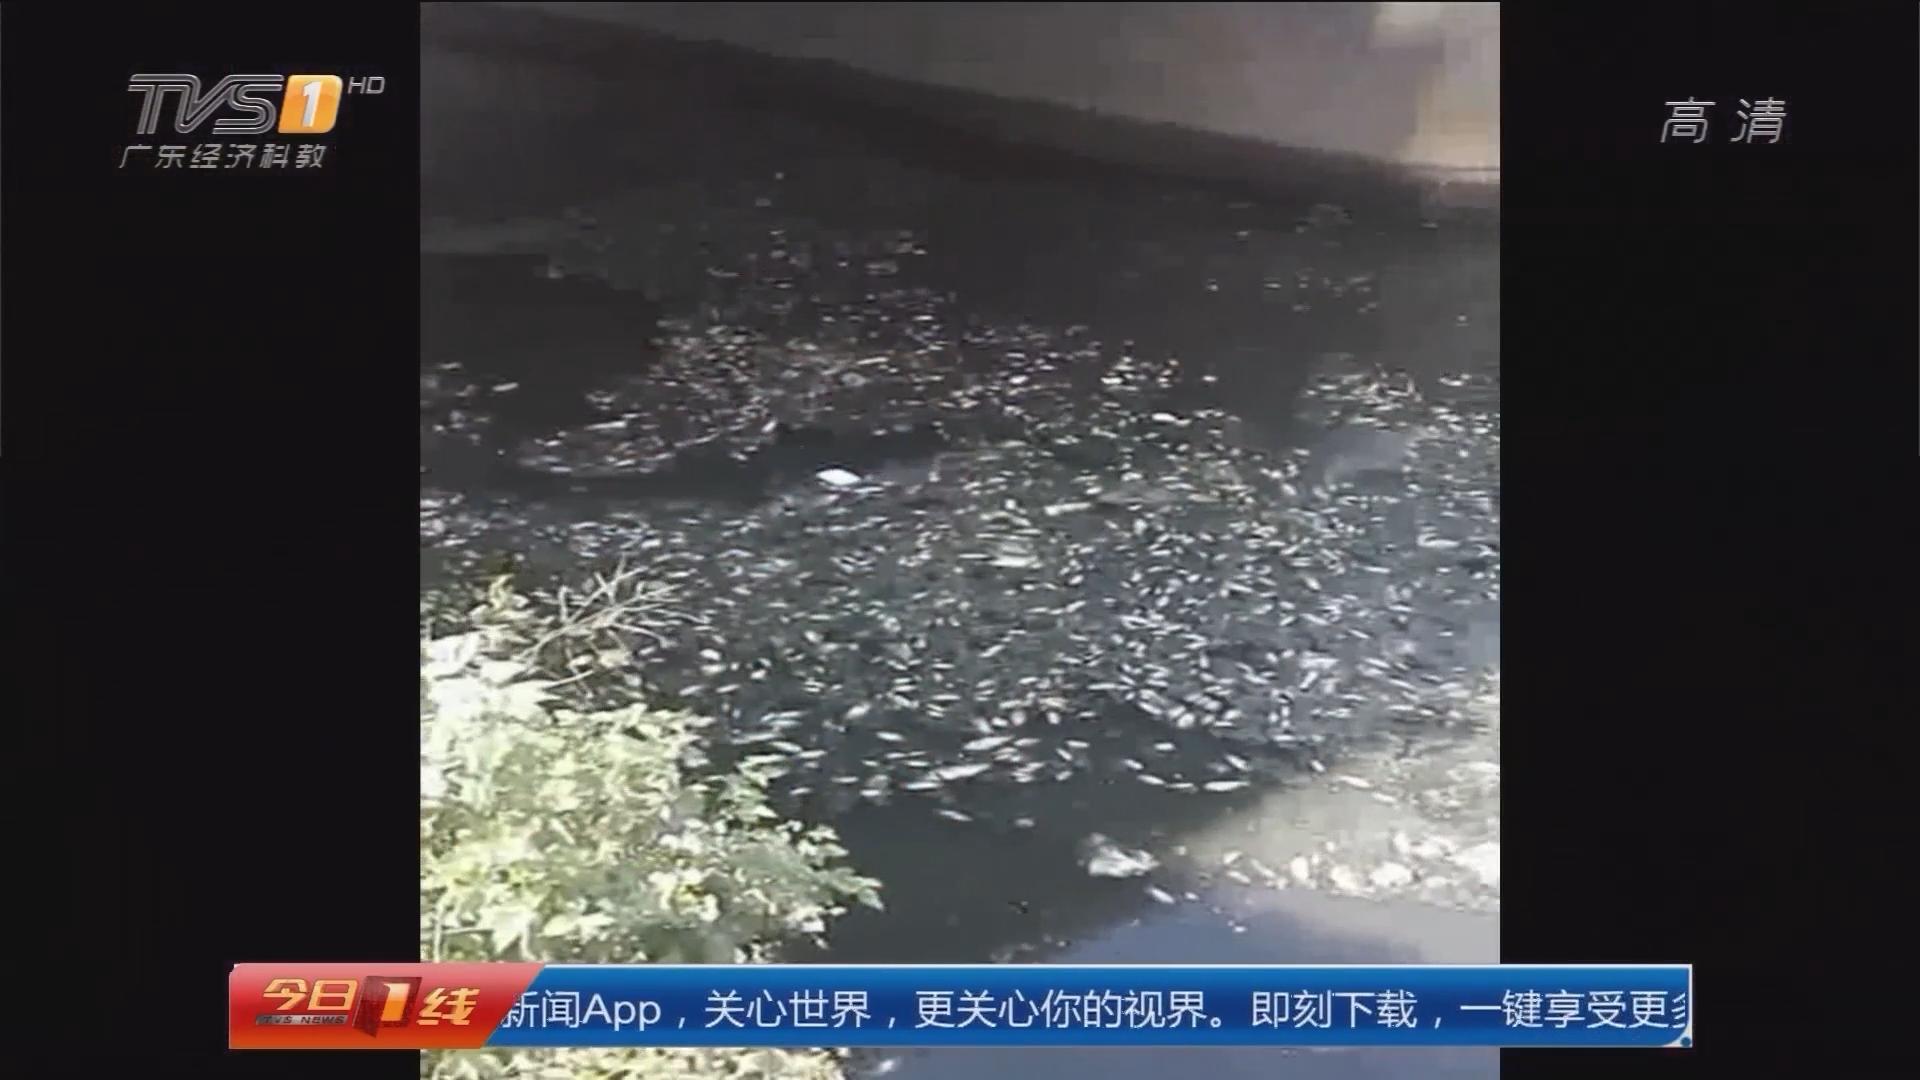 惠州惠阳:淡澳河又黑又臭遭投诉 记者调查